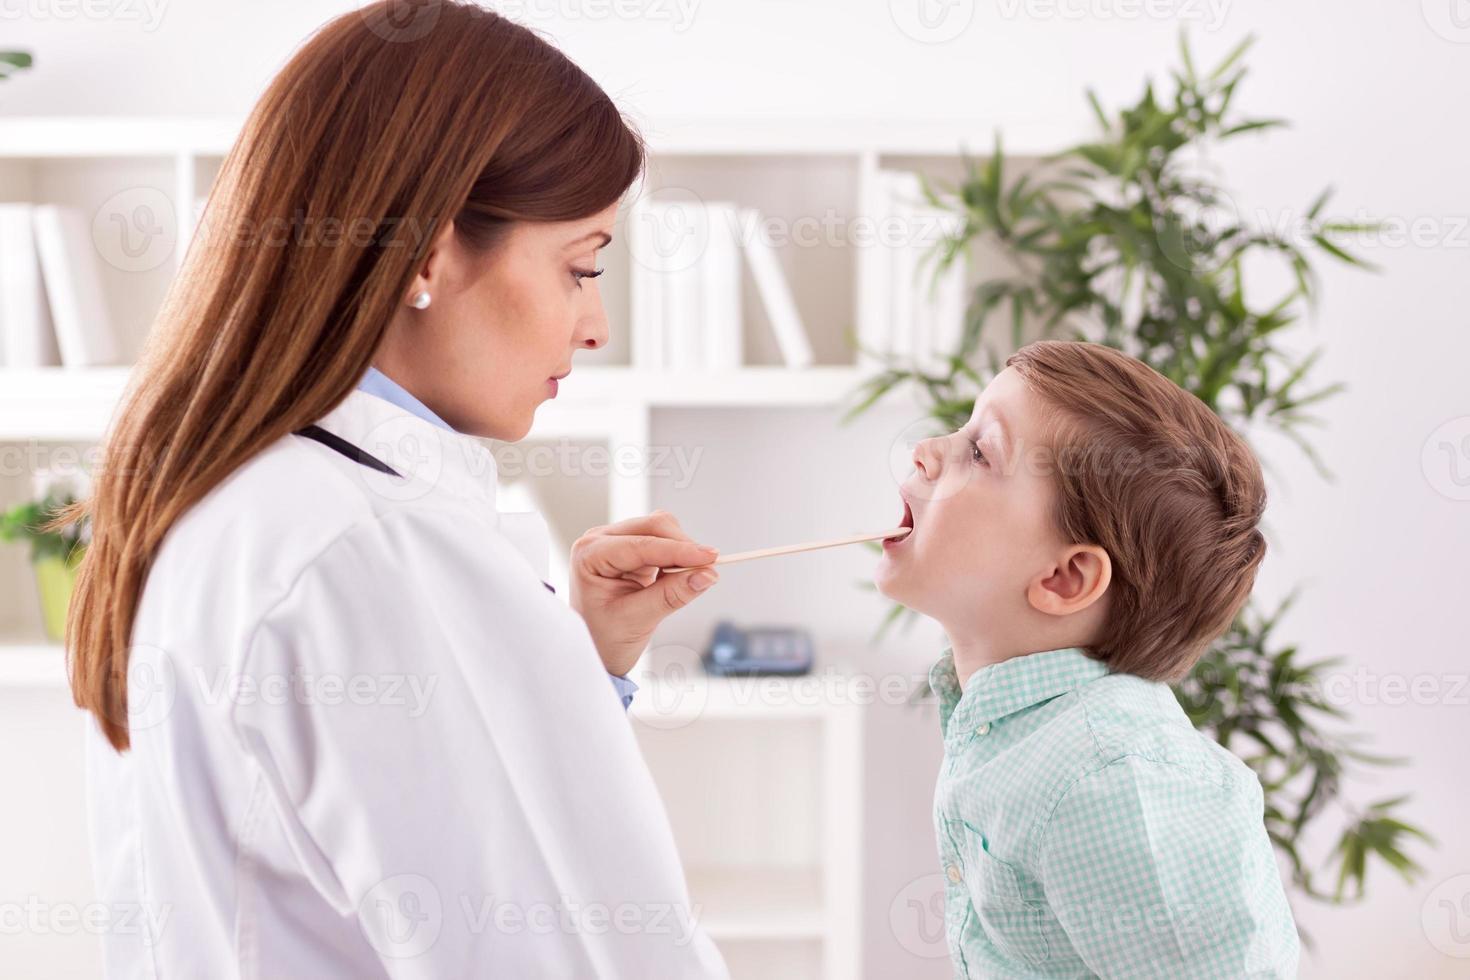 médico examinador niño foto